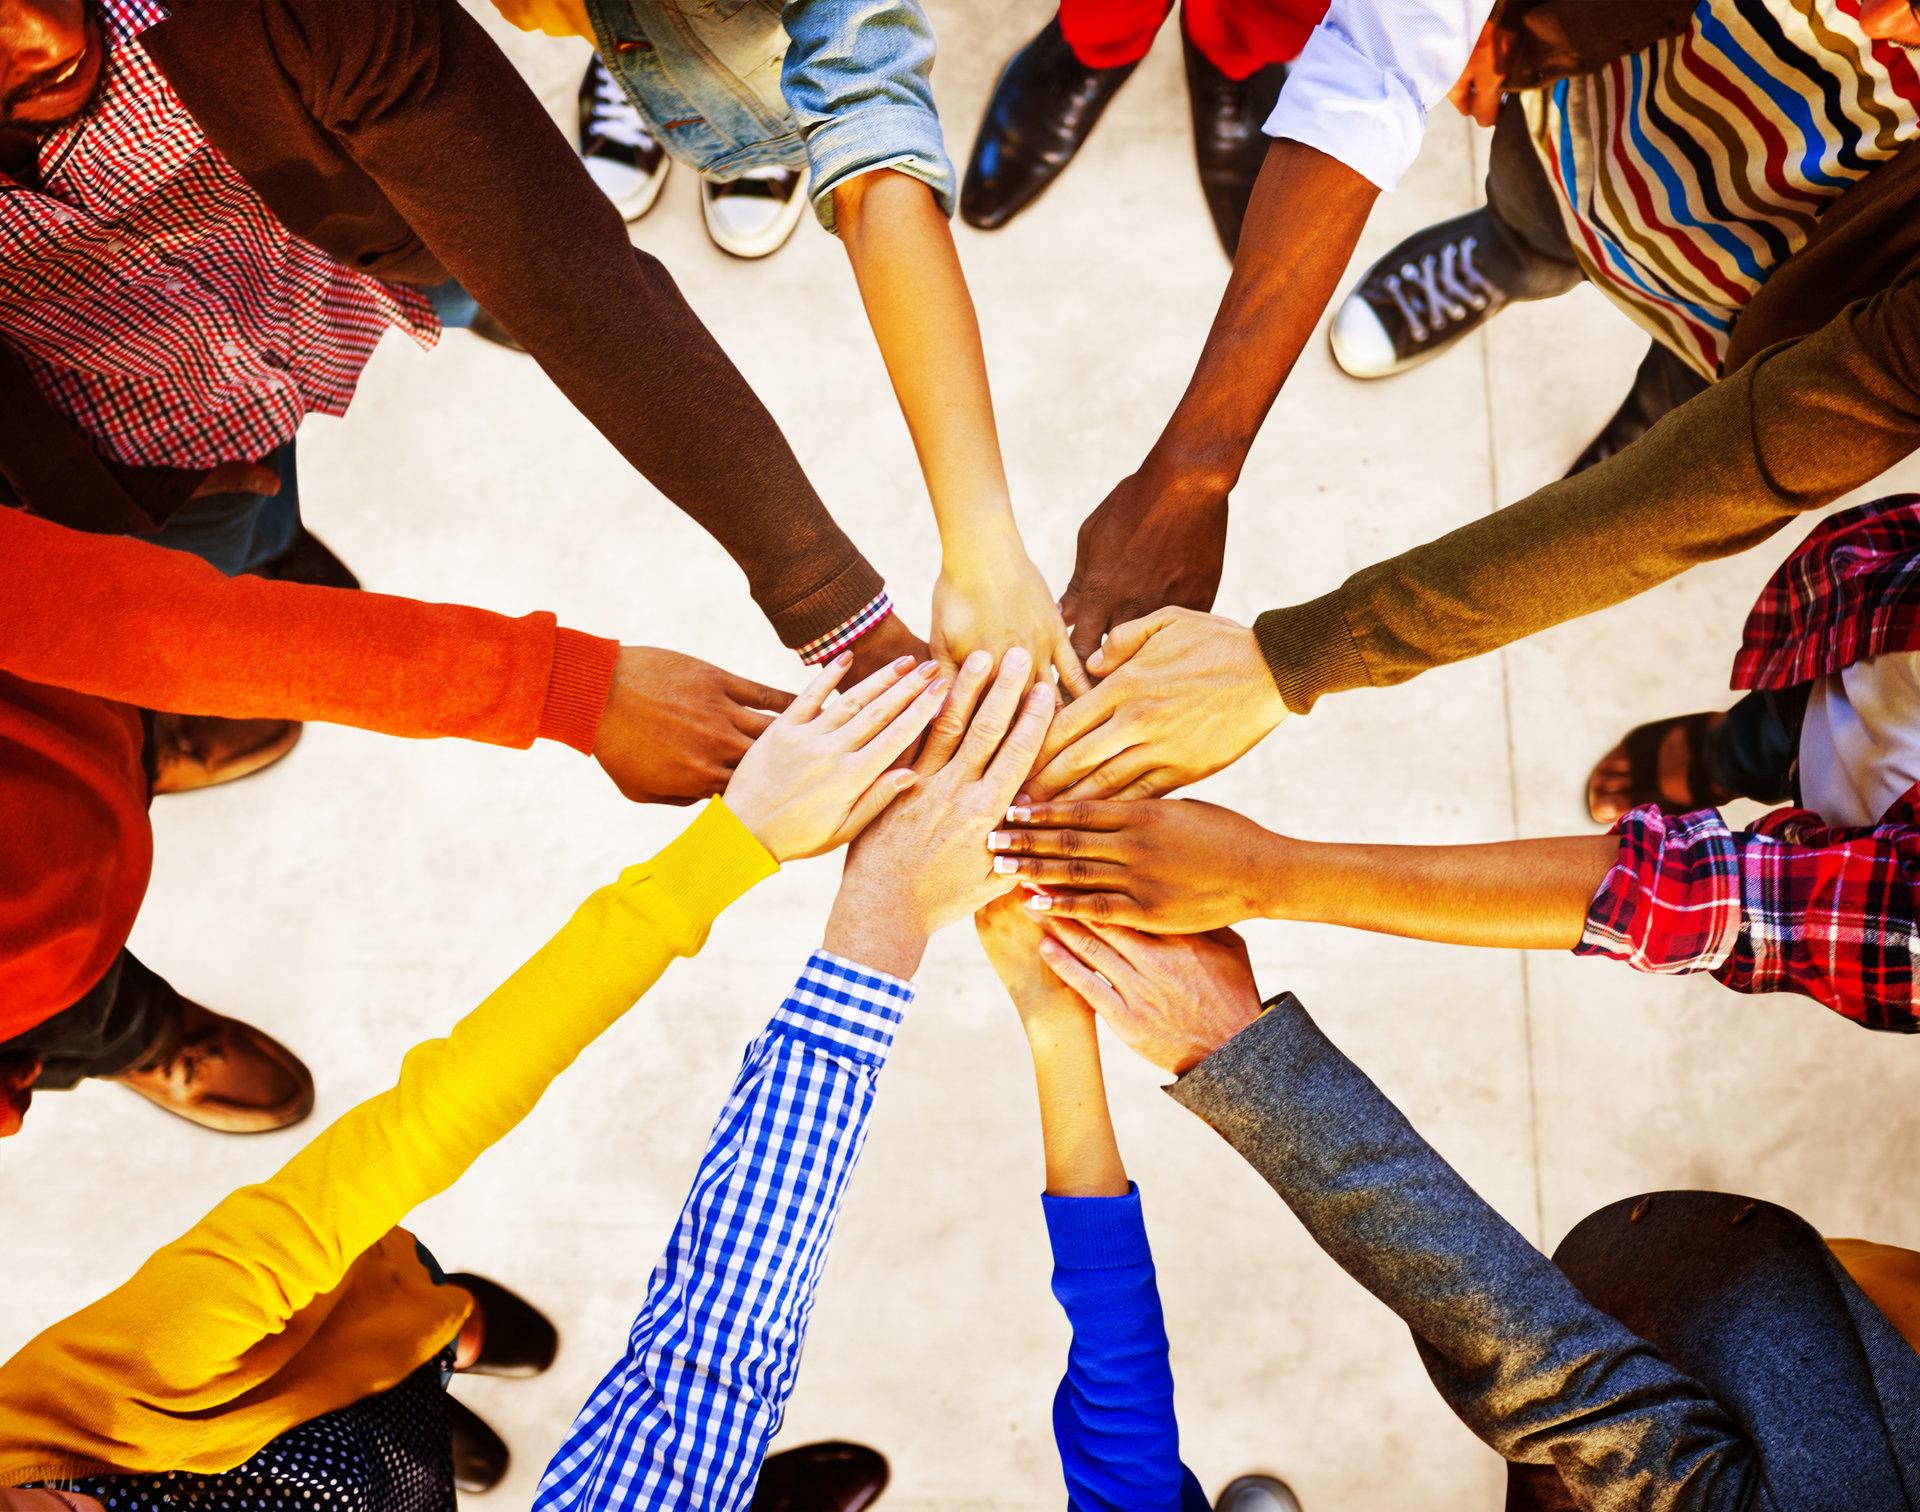 darbo vietų įvairovė ir įtraukties strategija